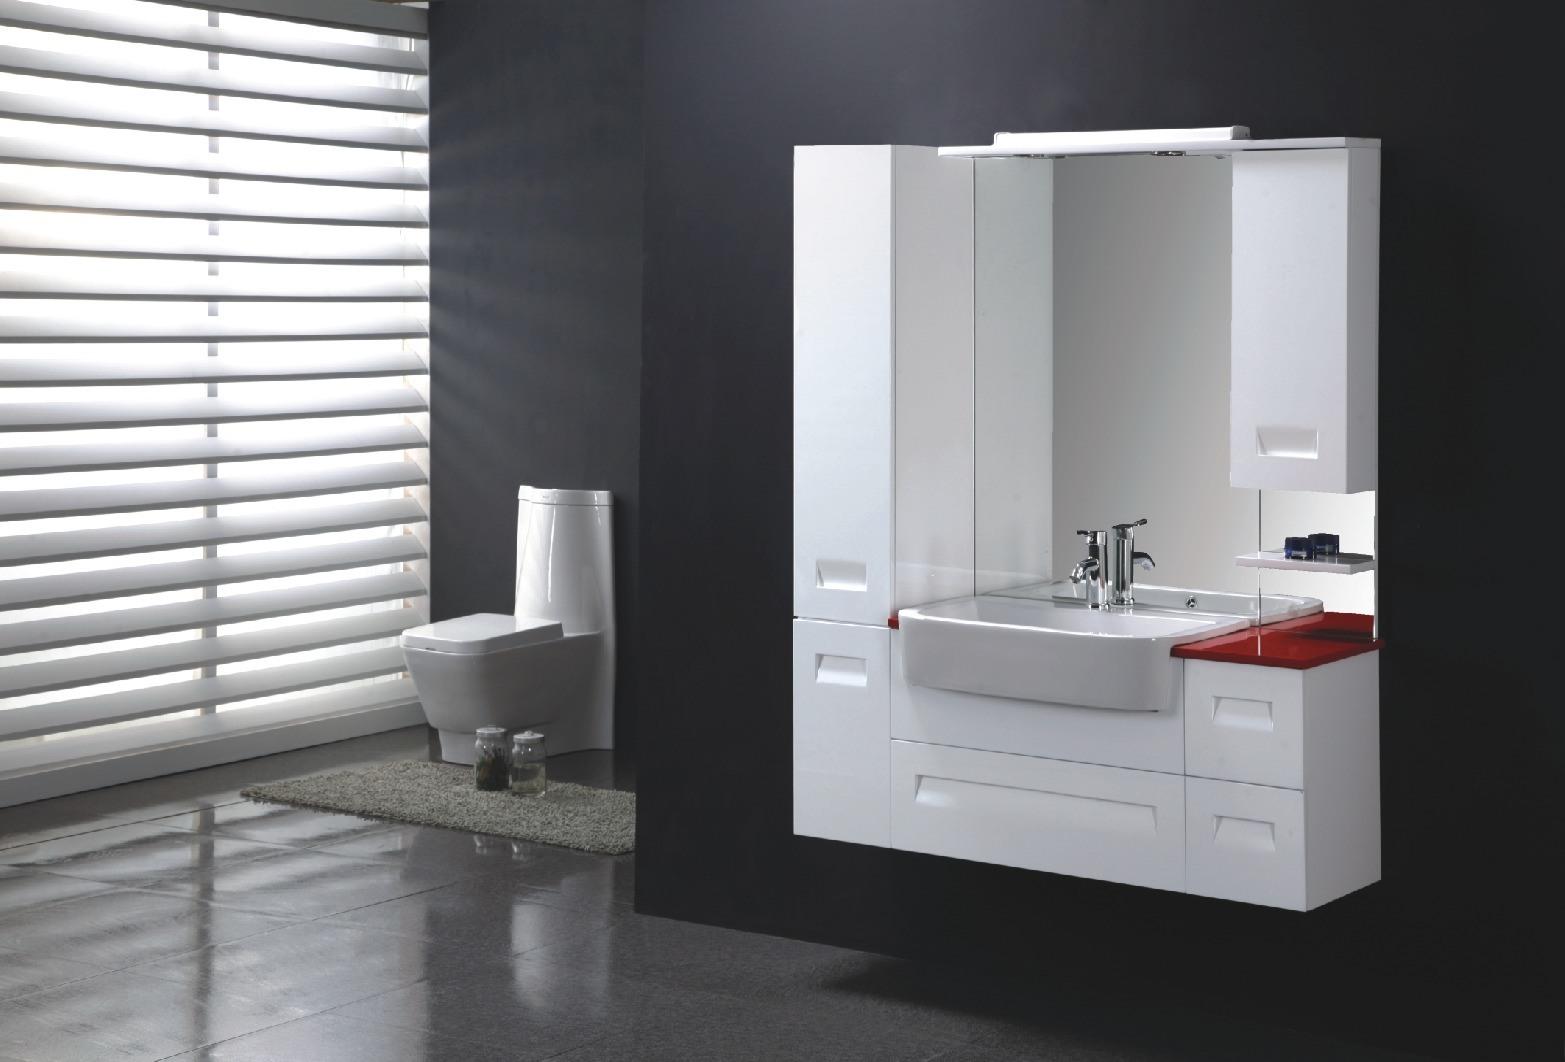 Armário de banheiro do MDF (FMM001) –Armário de banheiro do MDF (FMM001) fo -> Armario De Banheiro Mdf